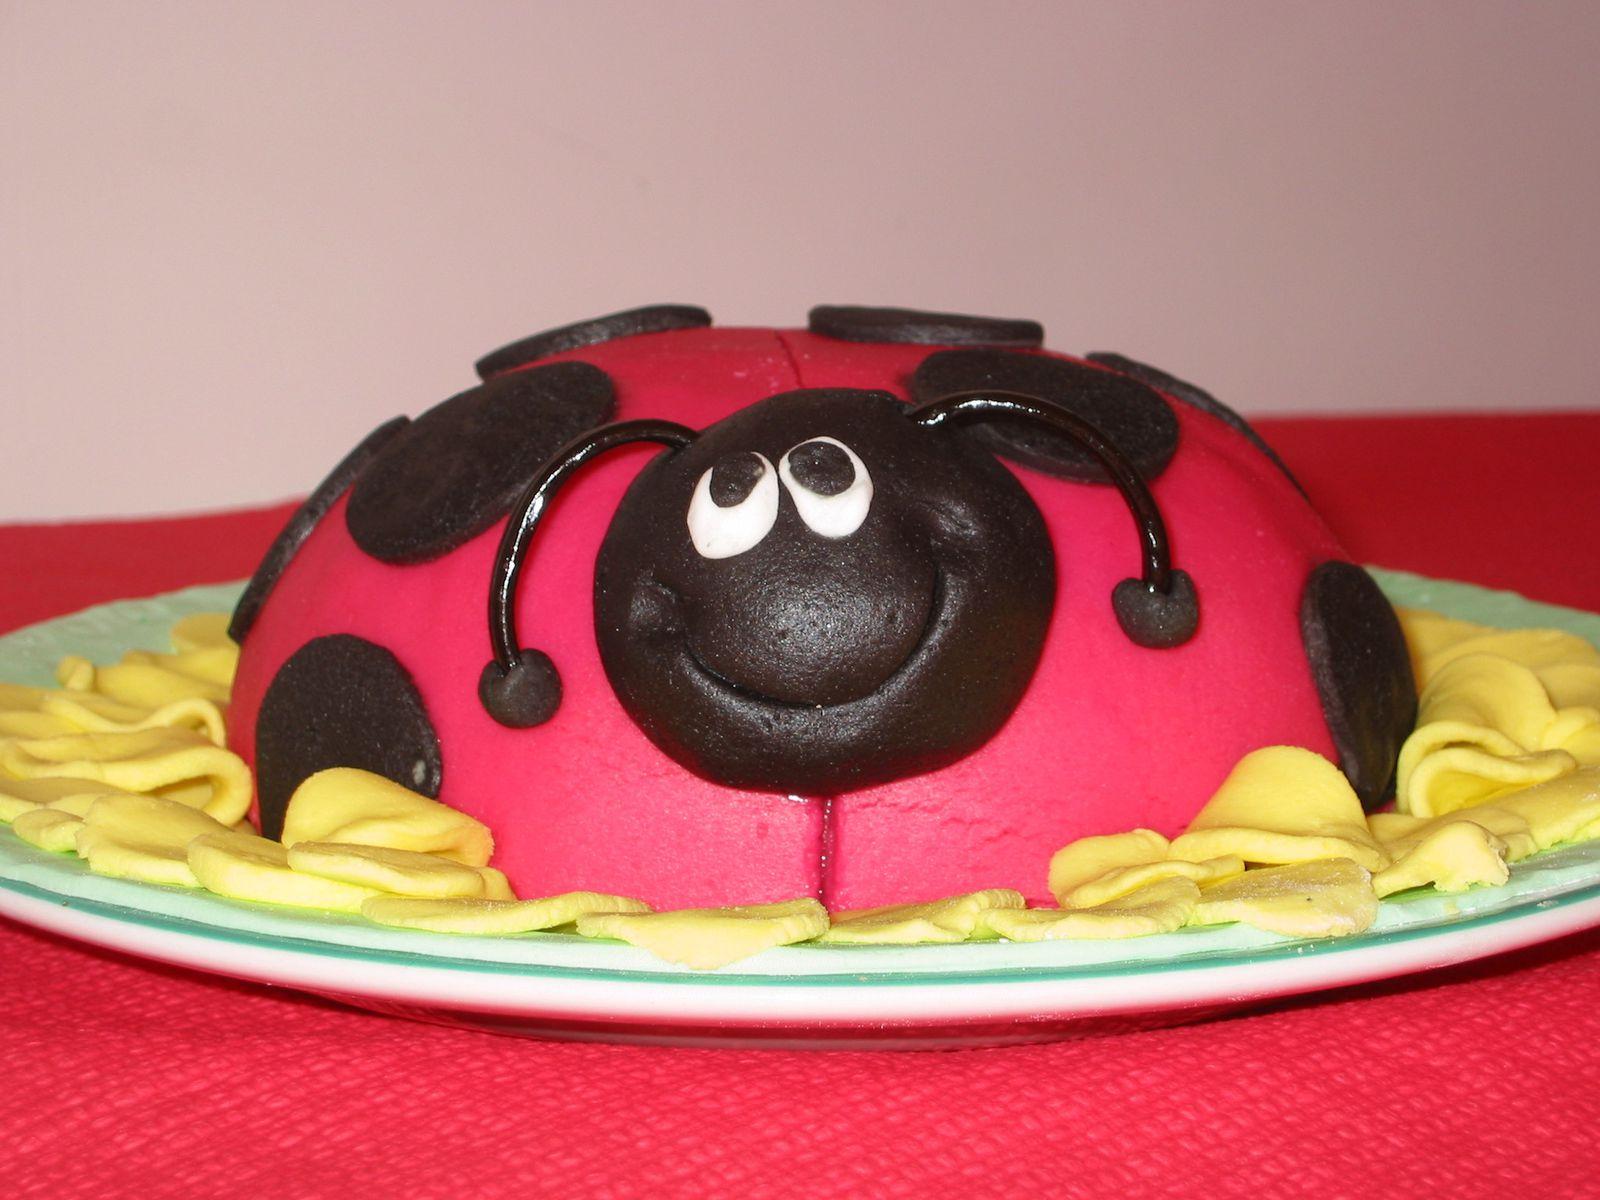 Gâteaux rigolos décoration en pâte à sucre - Angel's Kitchen